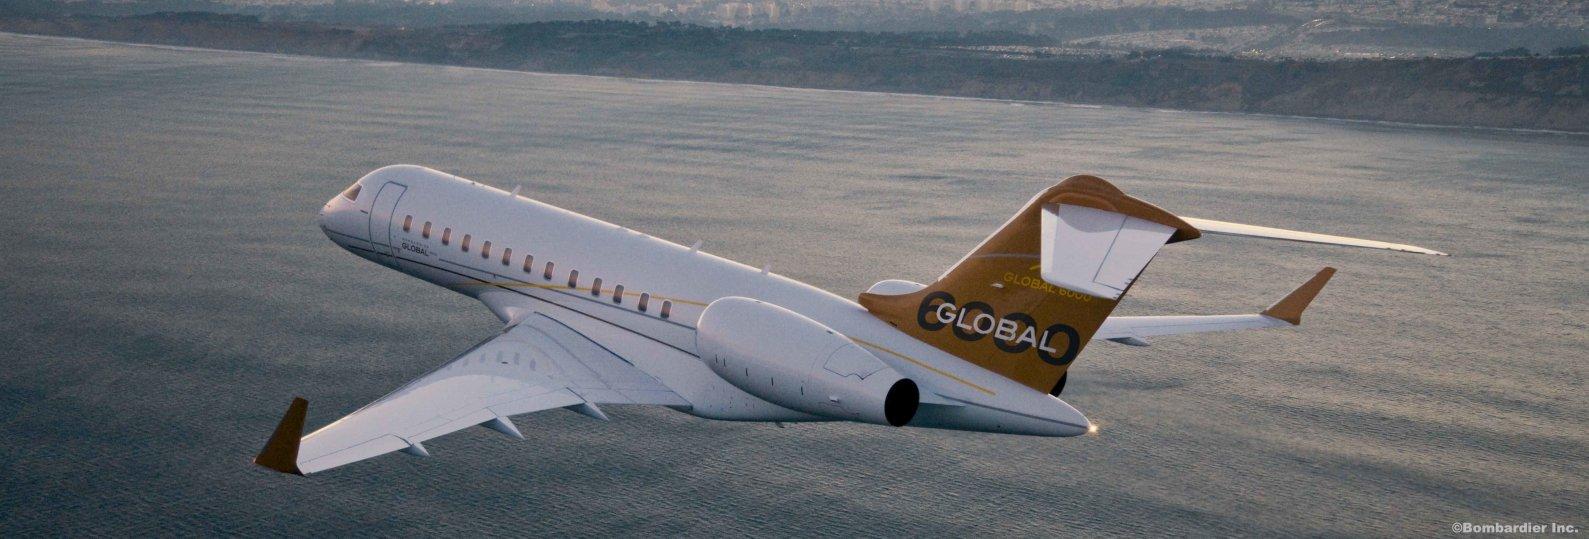 Jet Privato Treviso : Gta come prendere jet privato youtube